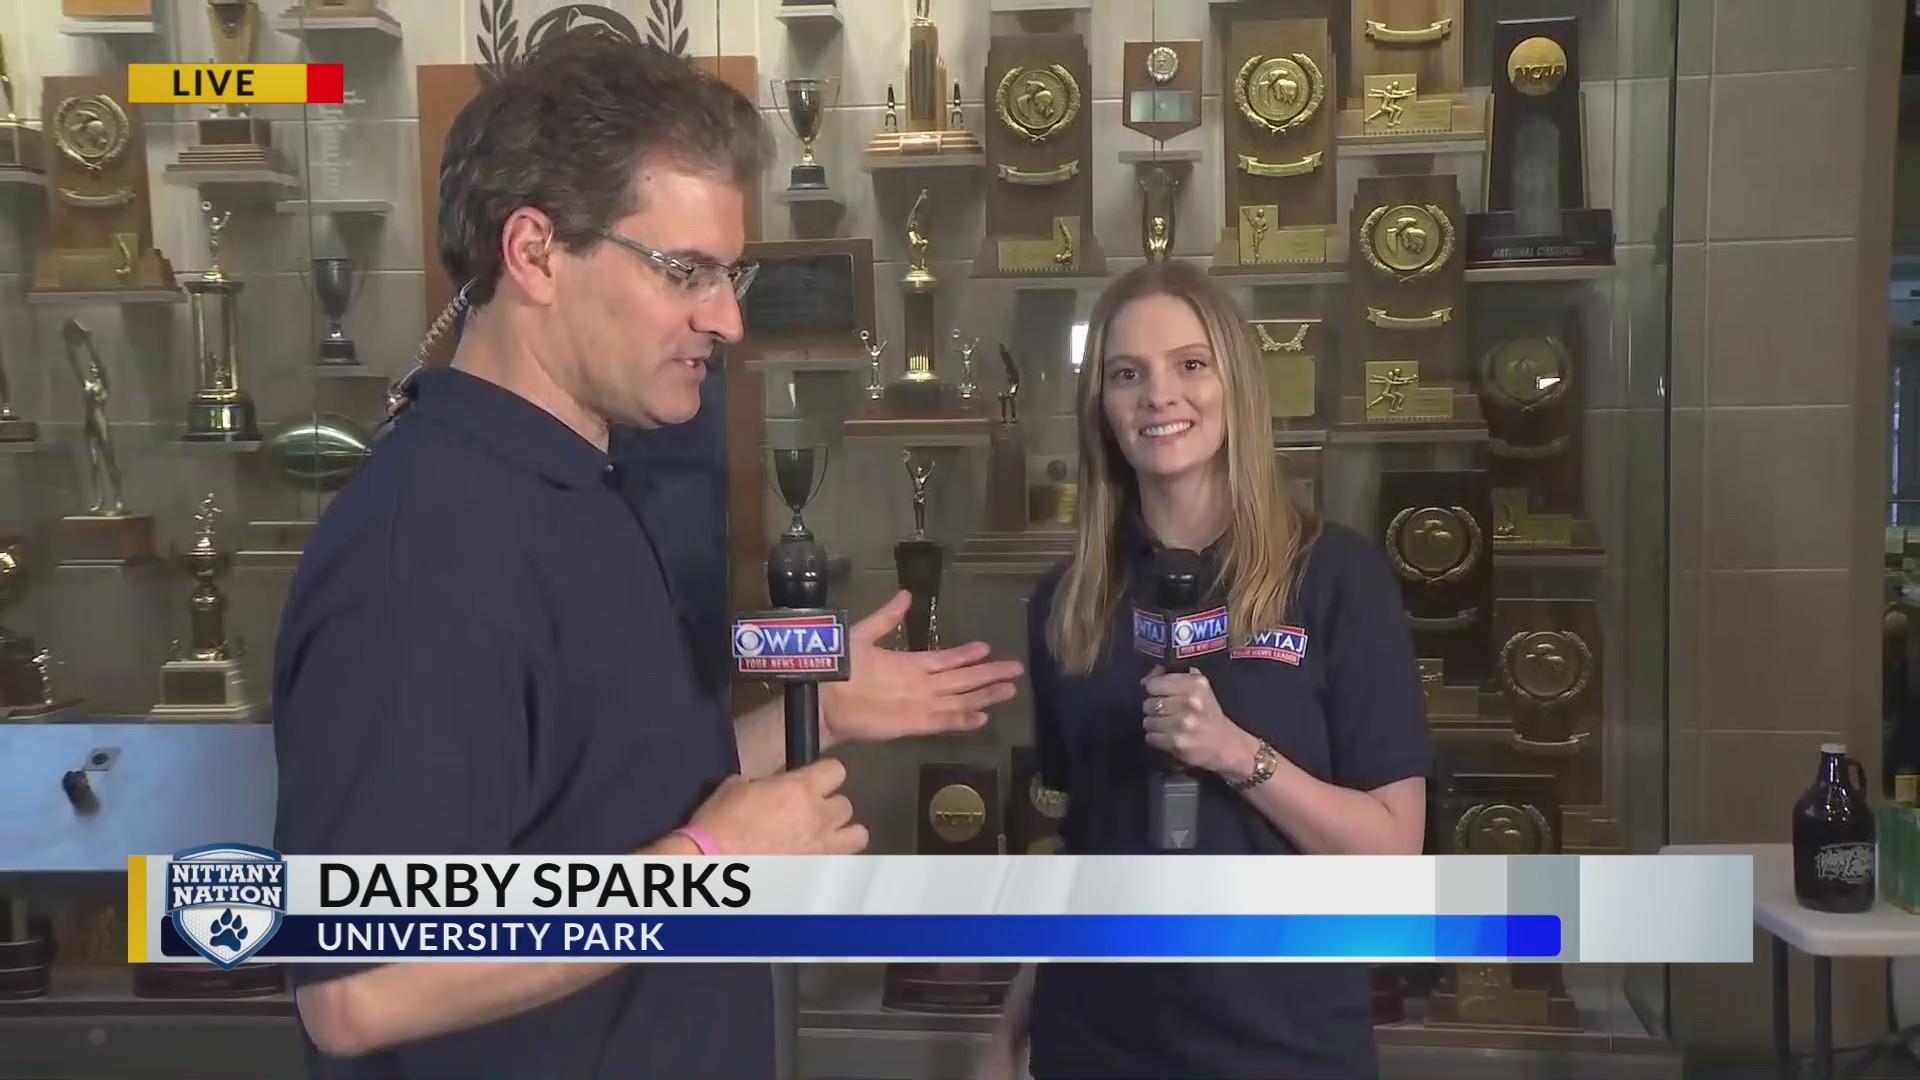 WTAJ_introduces_Darby_Sparks_0_20190413002540